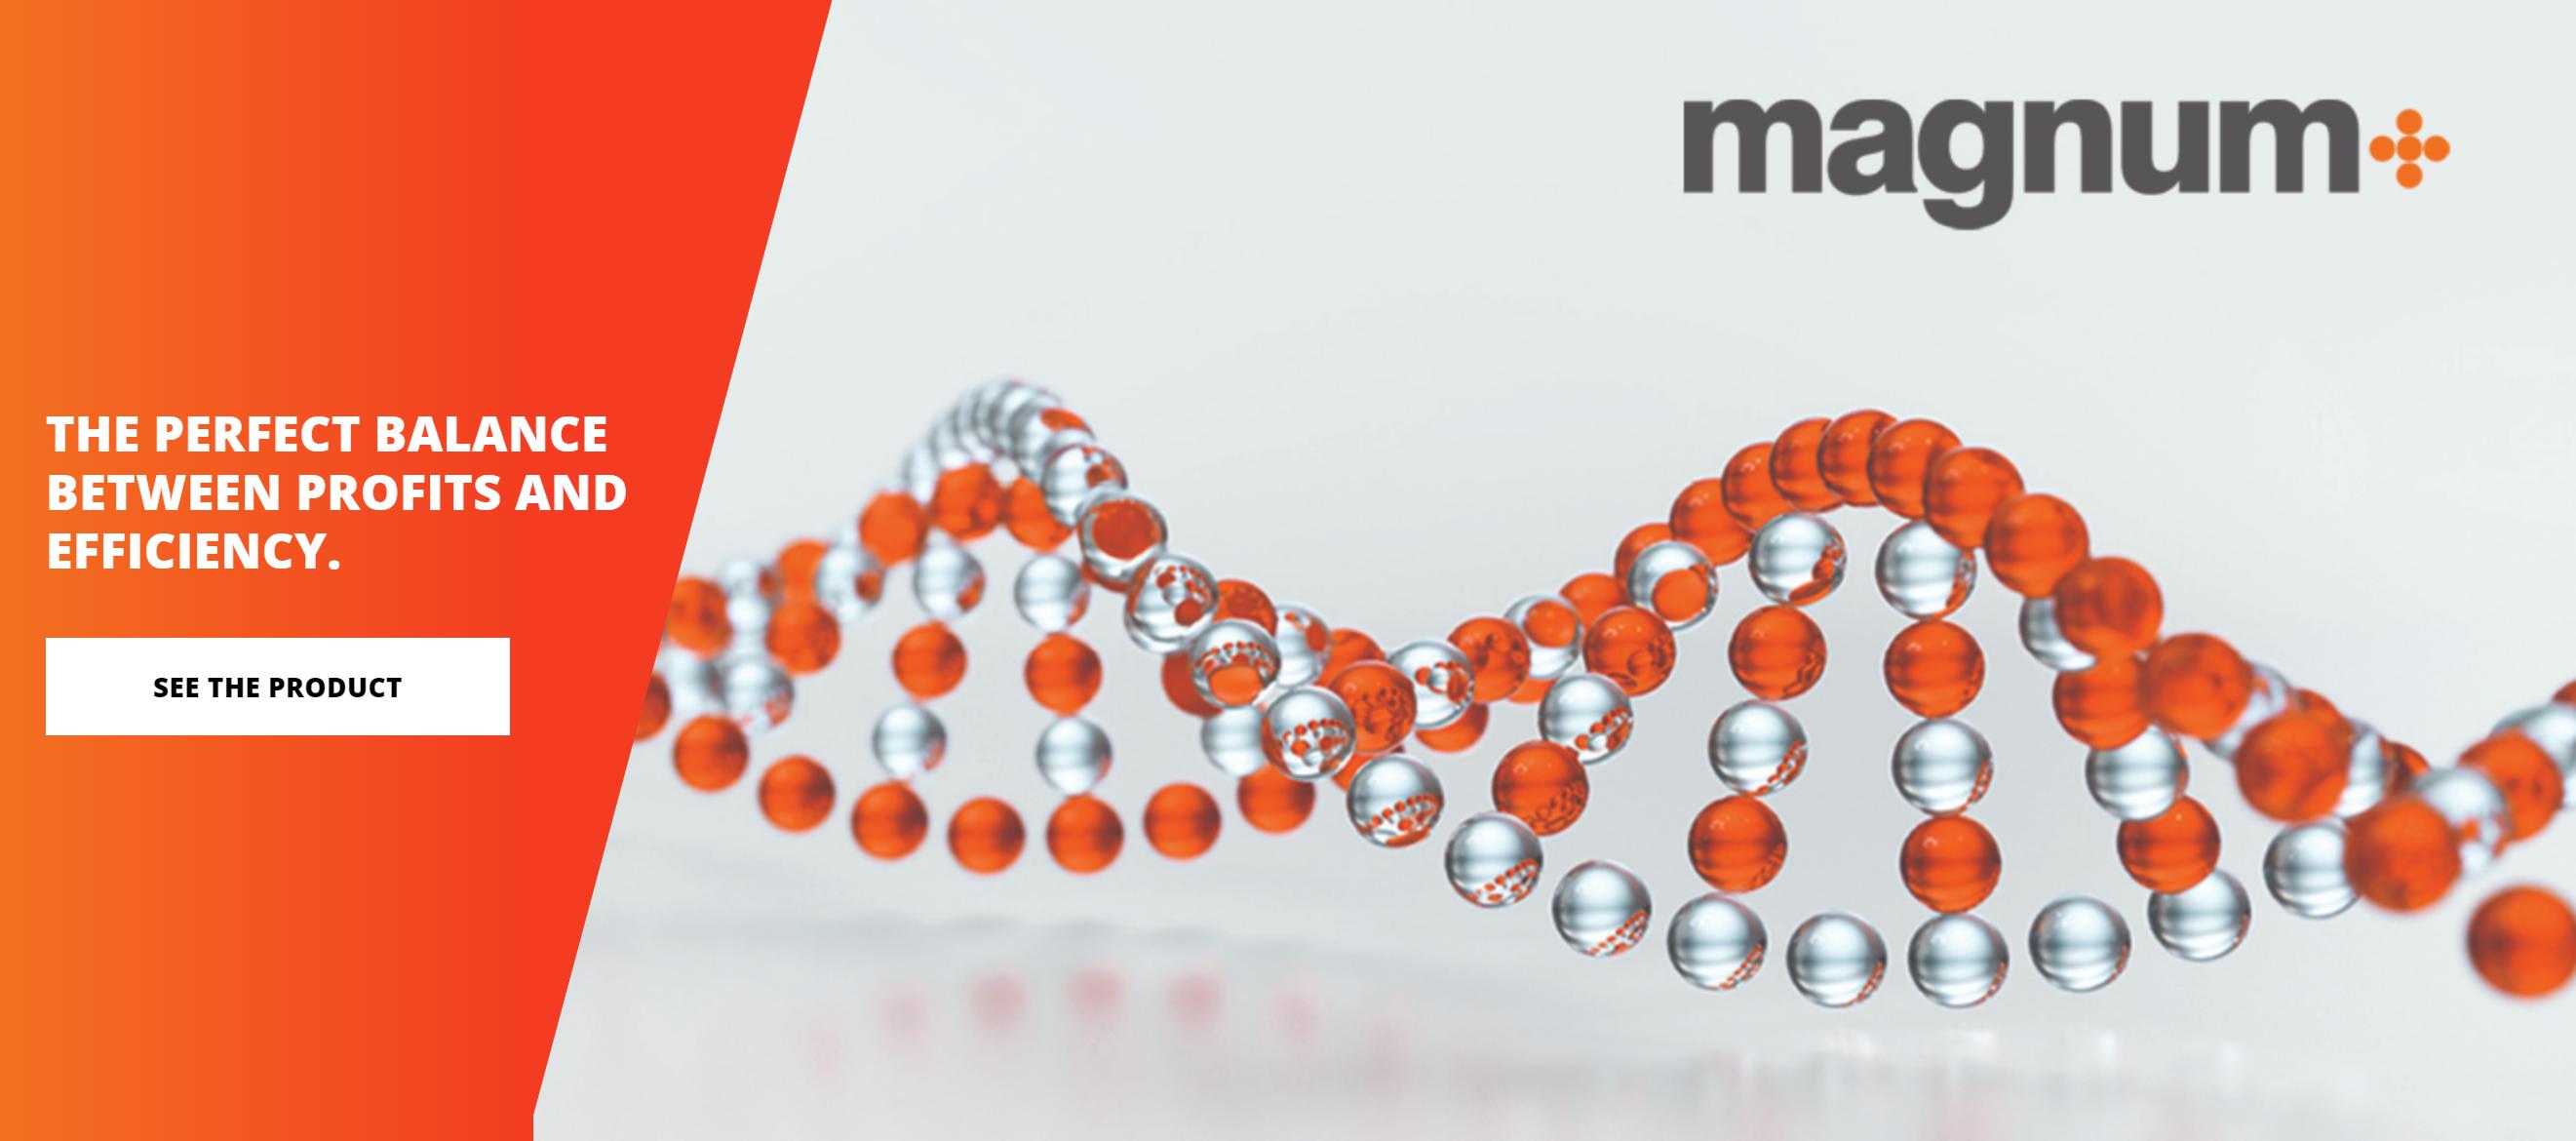 Magnum+ Tire Balancing Beads